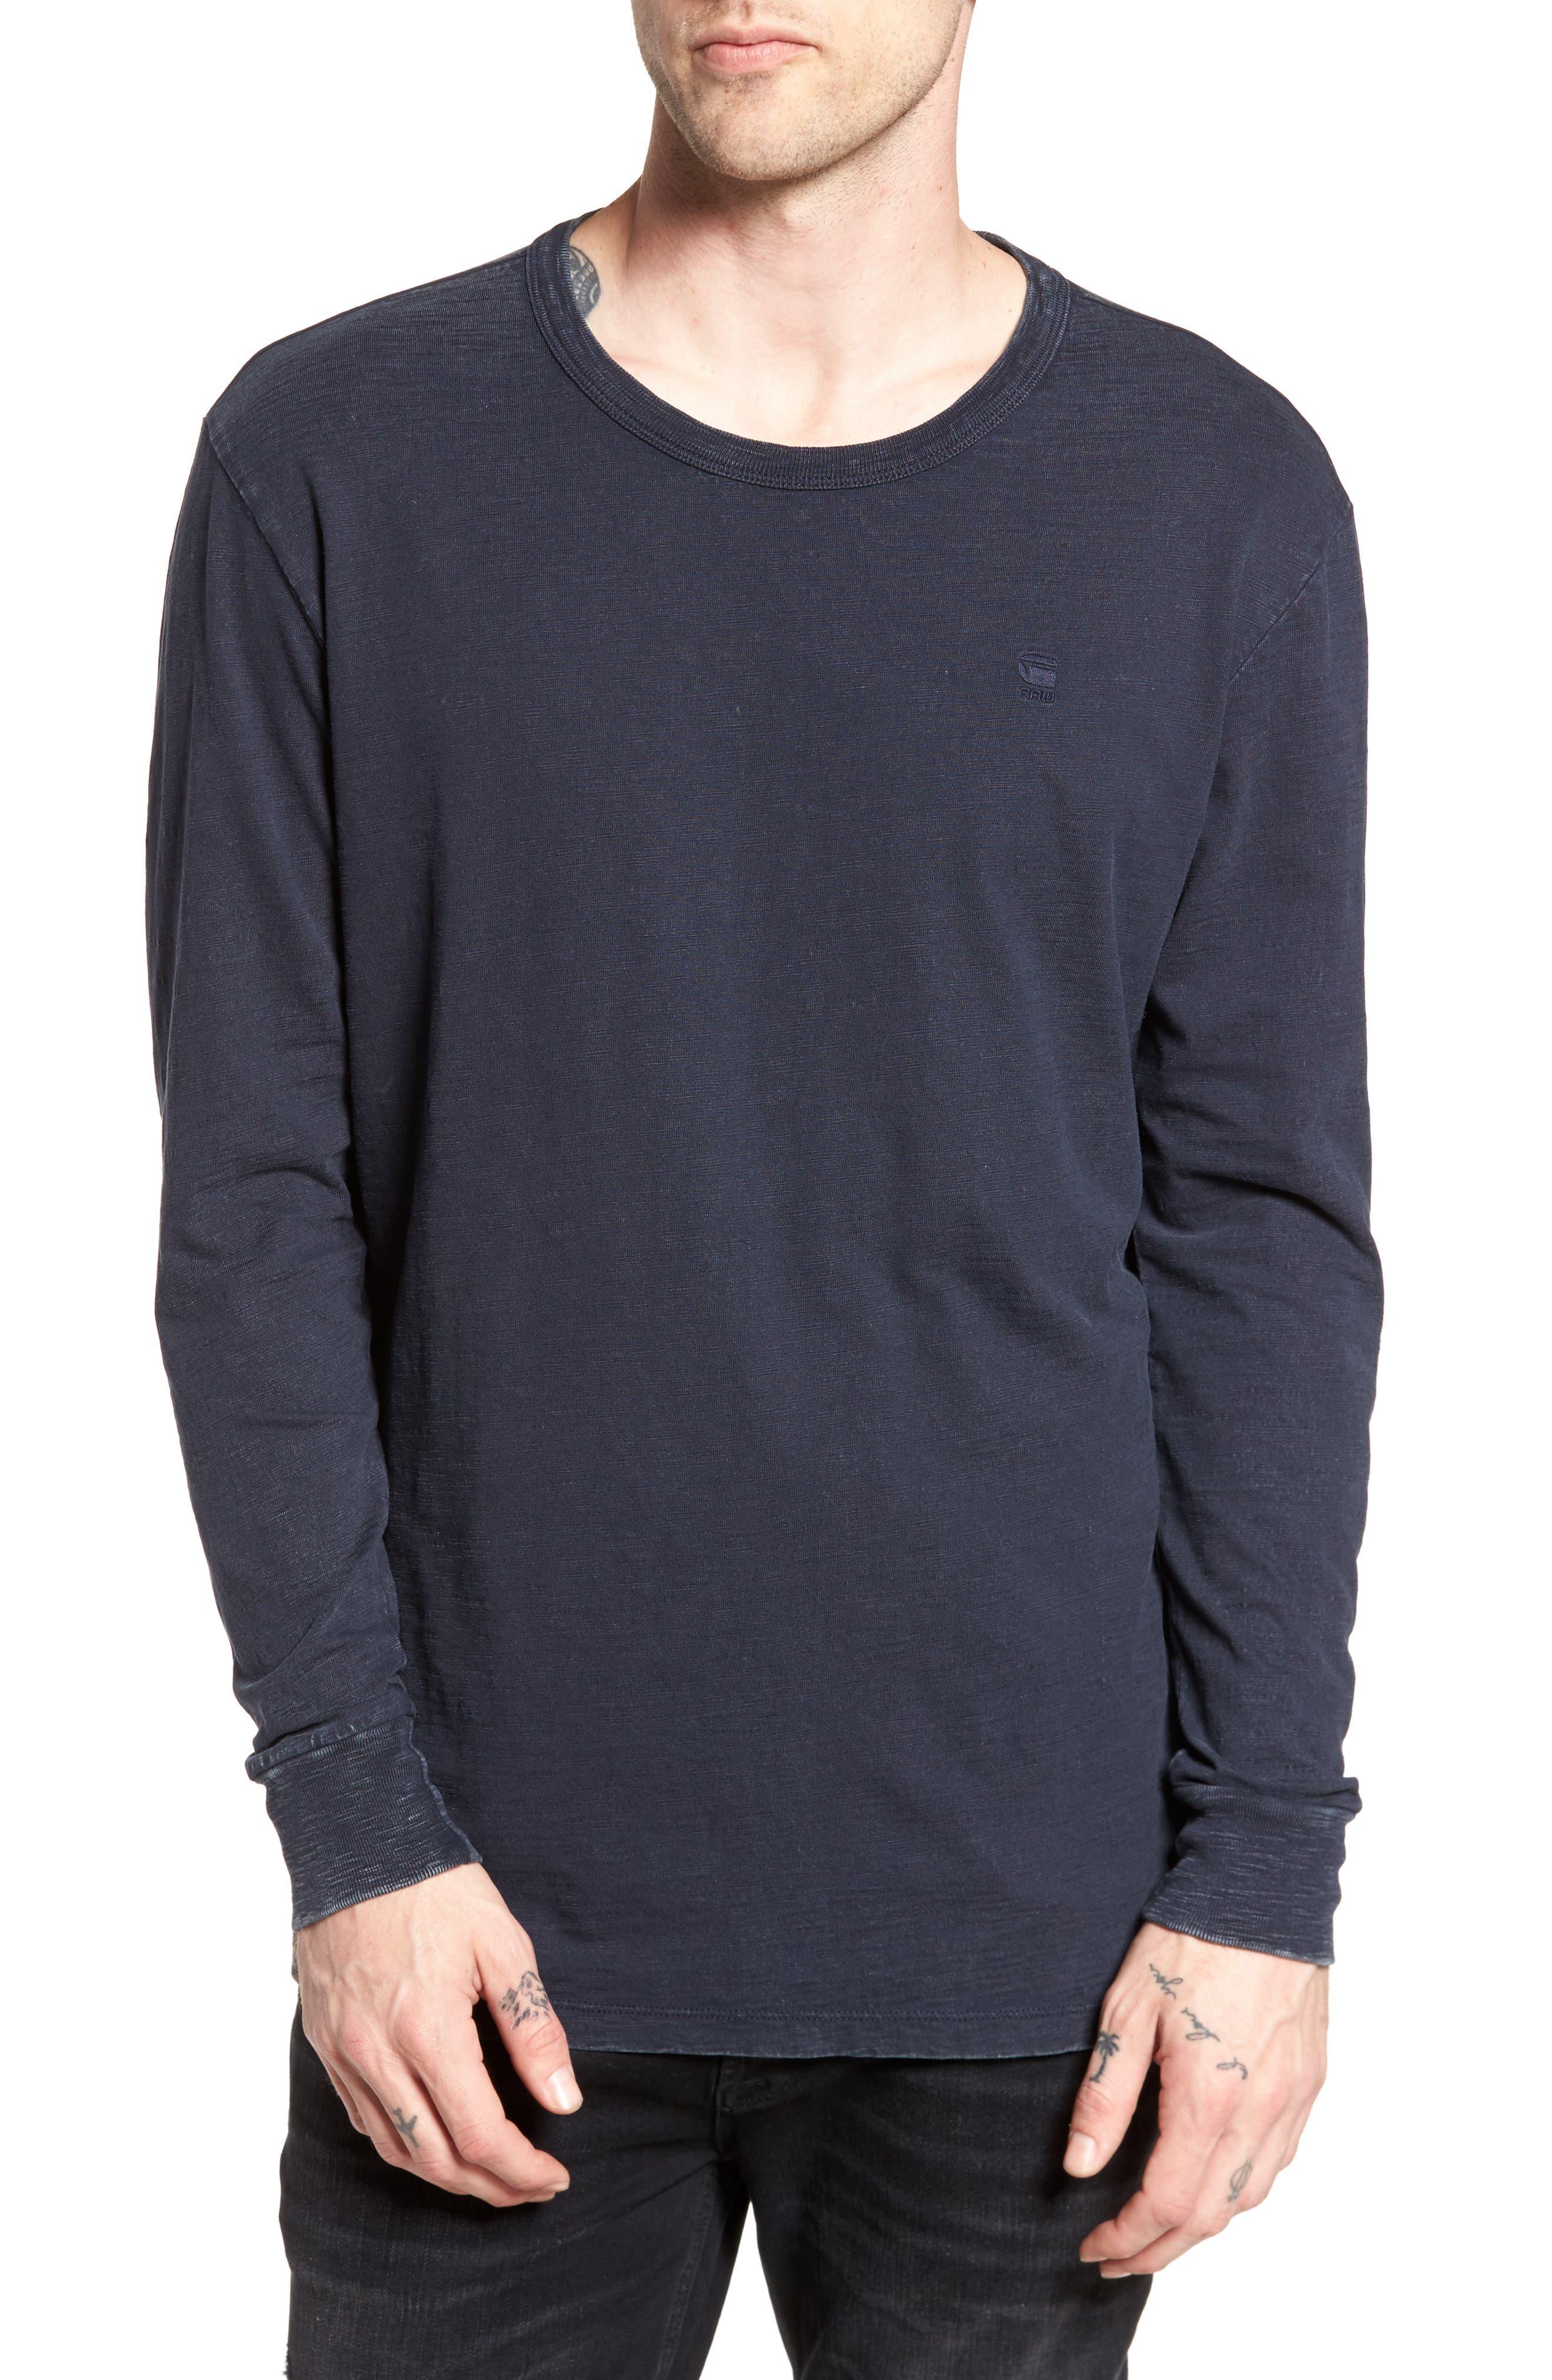 Kantano T-Shirt,                             Main thumbnail 1, color,                             400